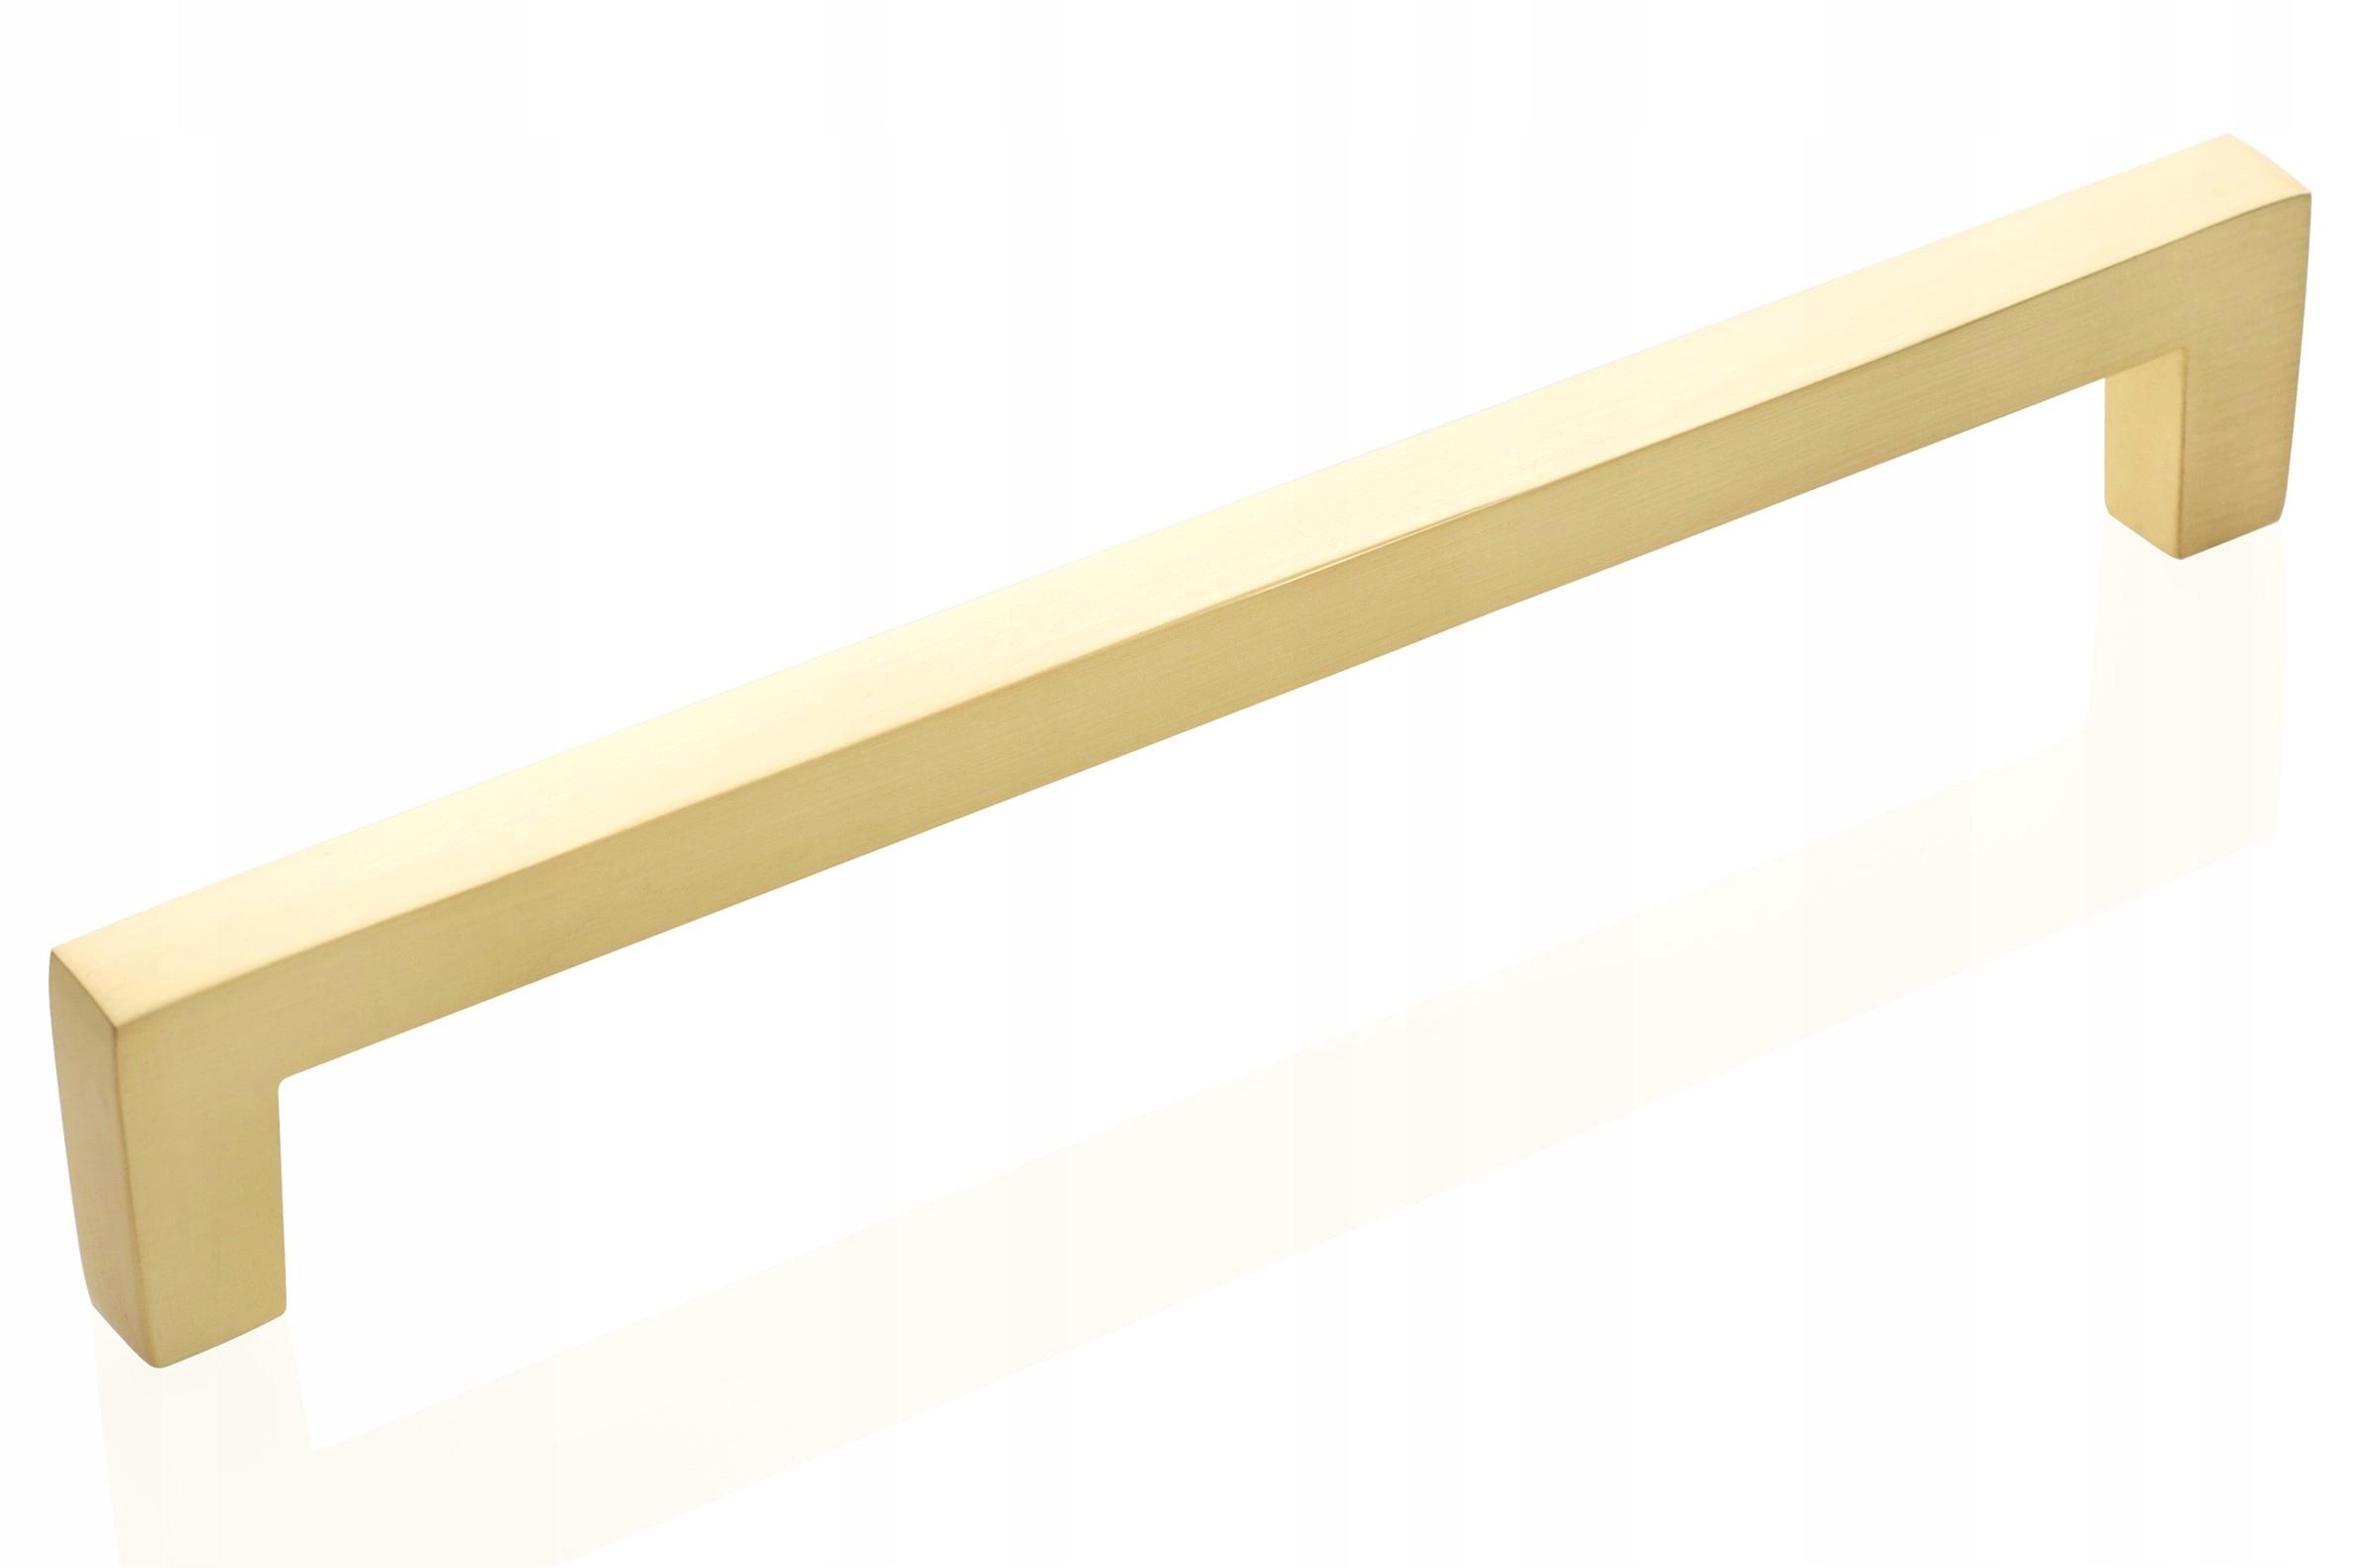 Ручка мебельная ВЕЛОР - золото МАТ 128 мм